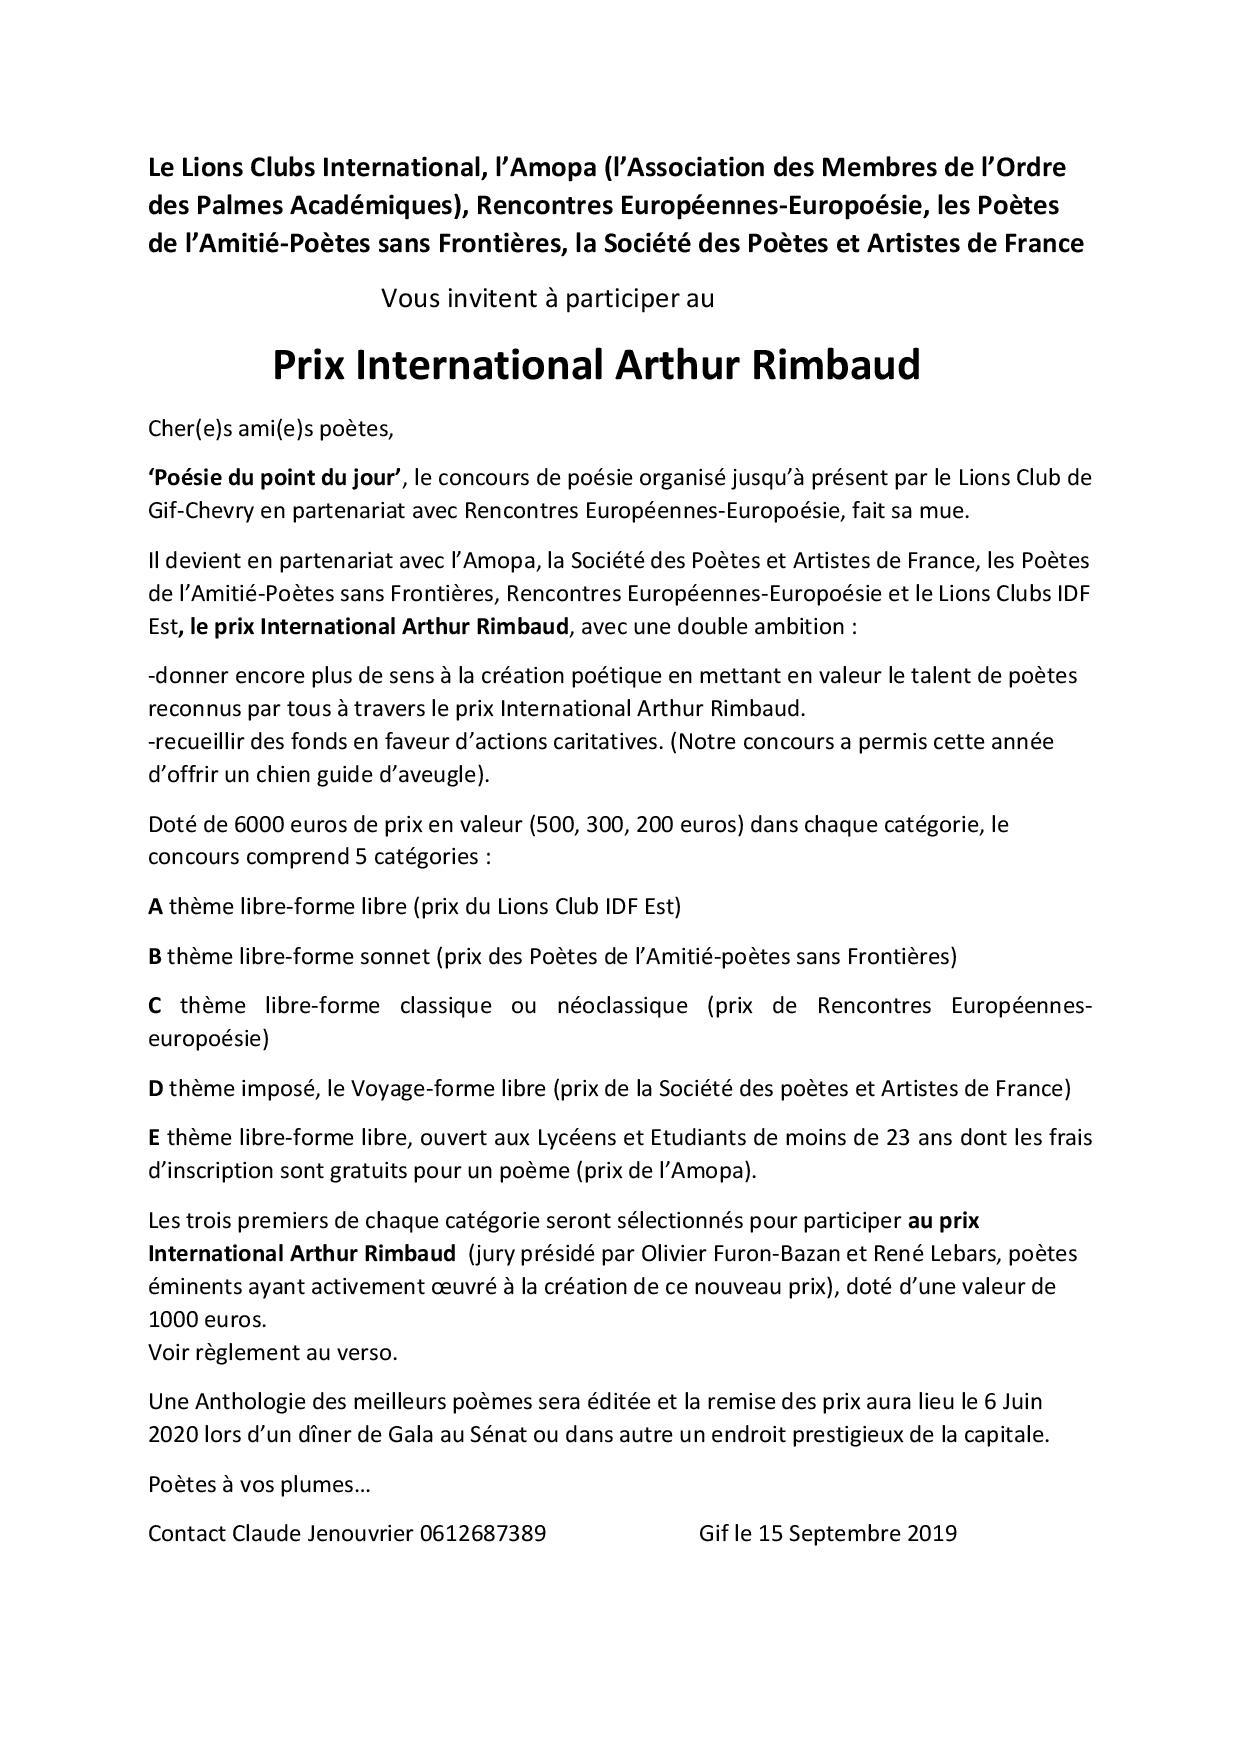 concours de poésie arthur rimbaud 2019 pdf Le Lions Clubs International1-page-001.jpg